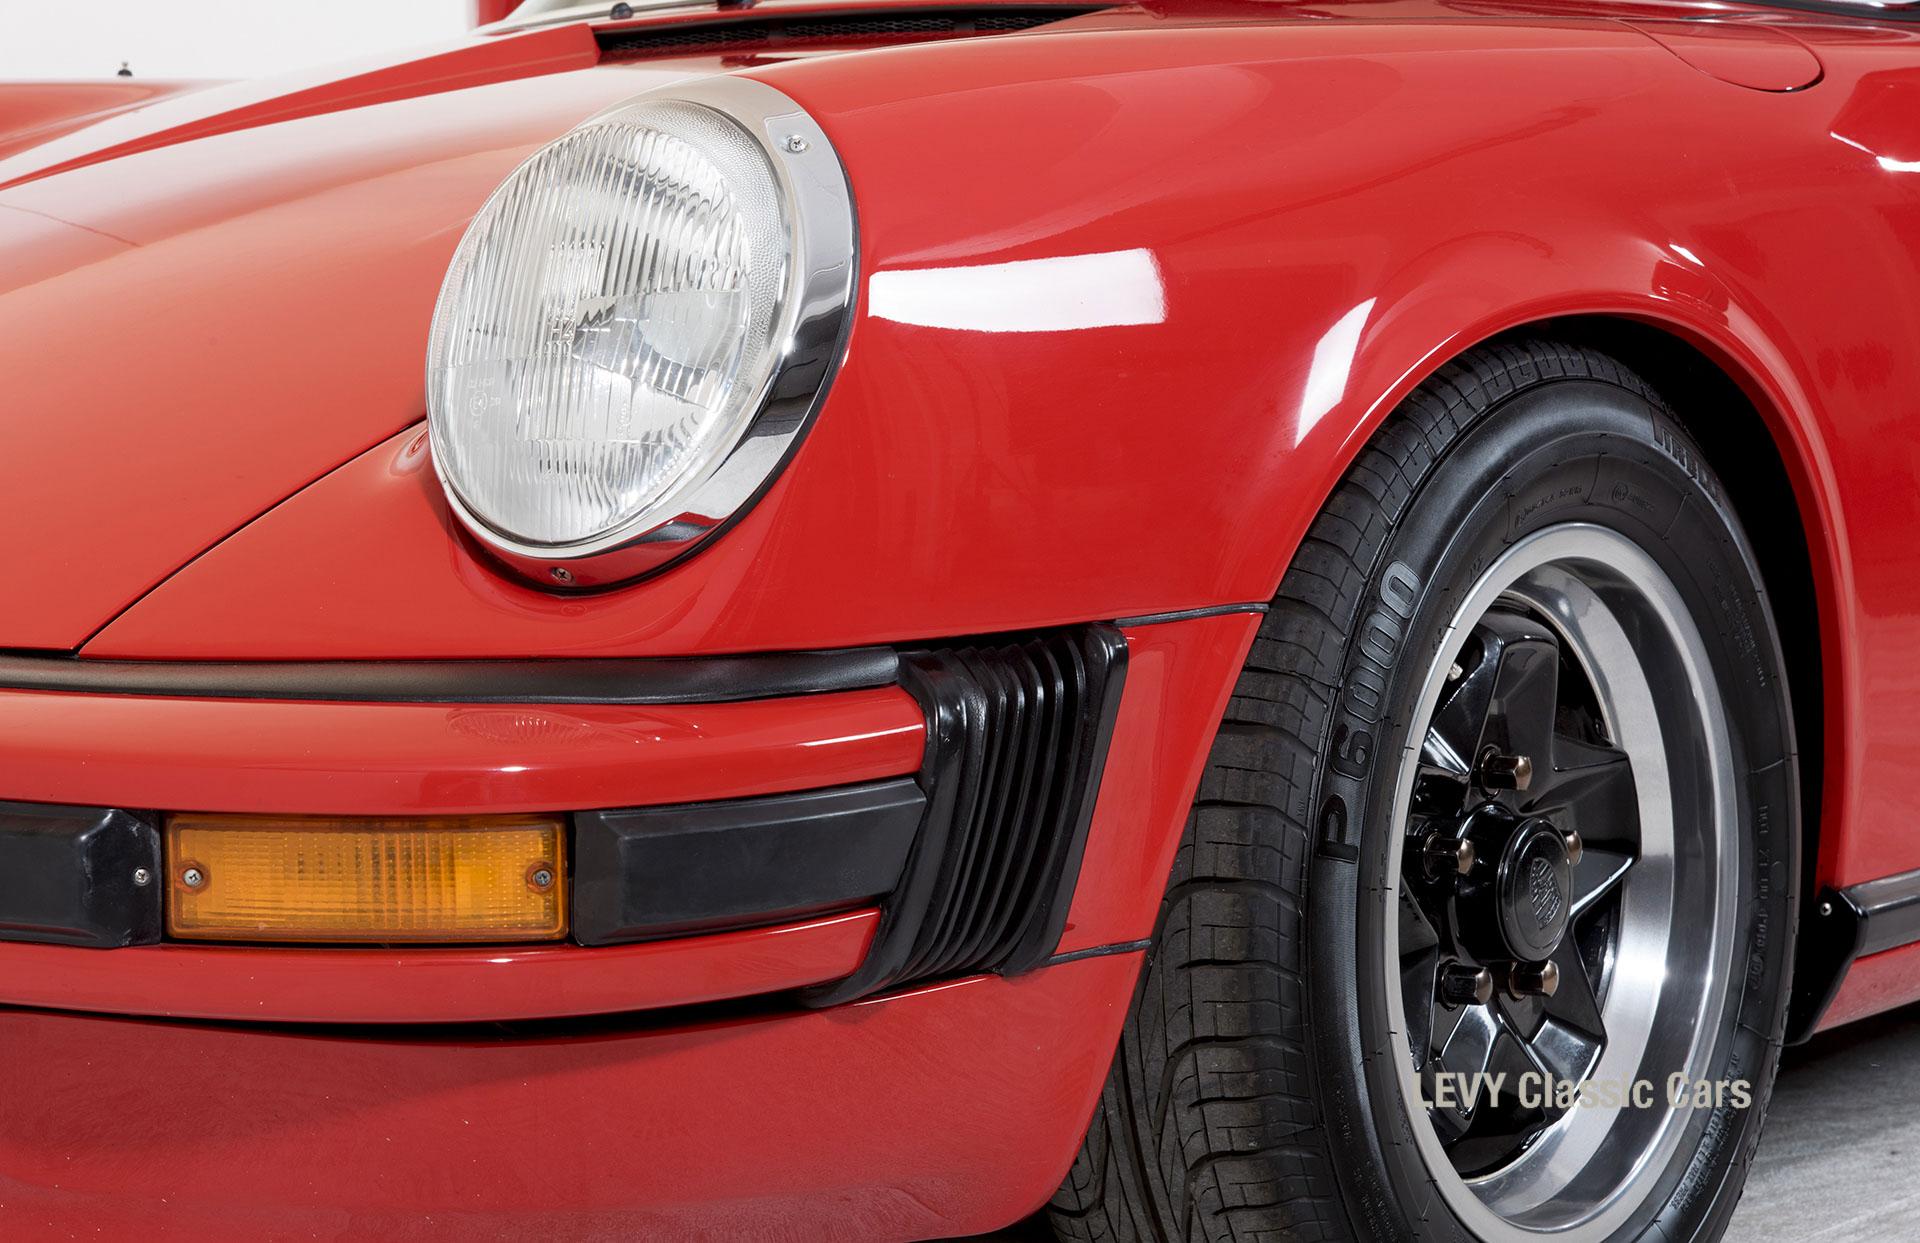 Porsche rot 9117202624 19